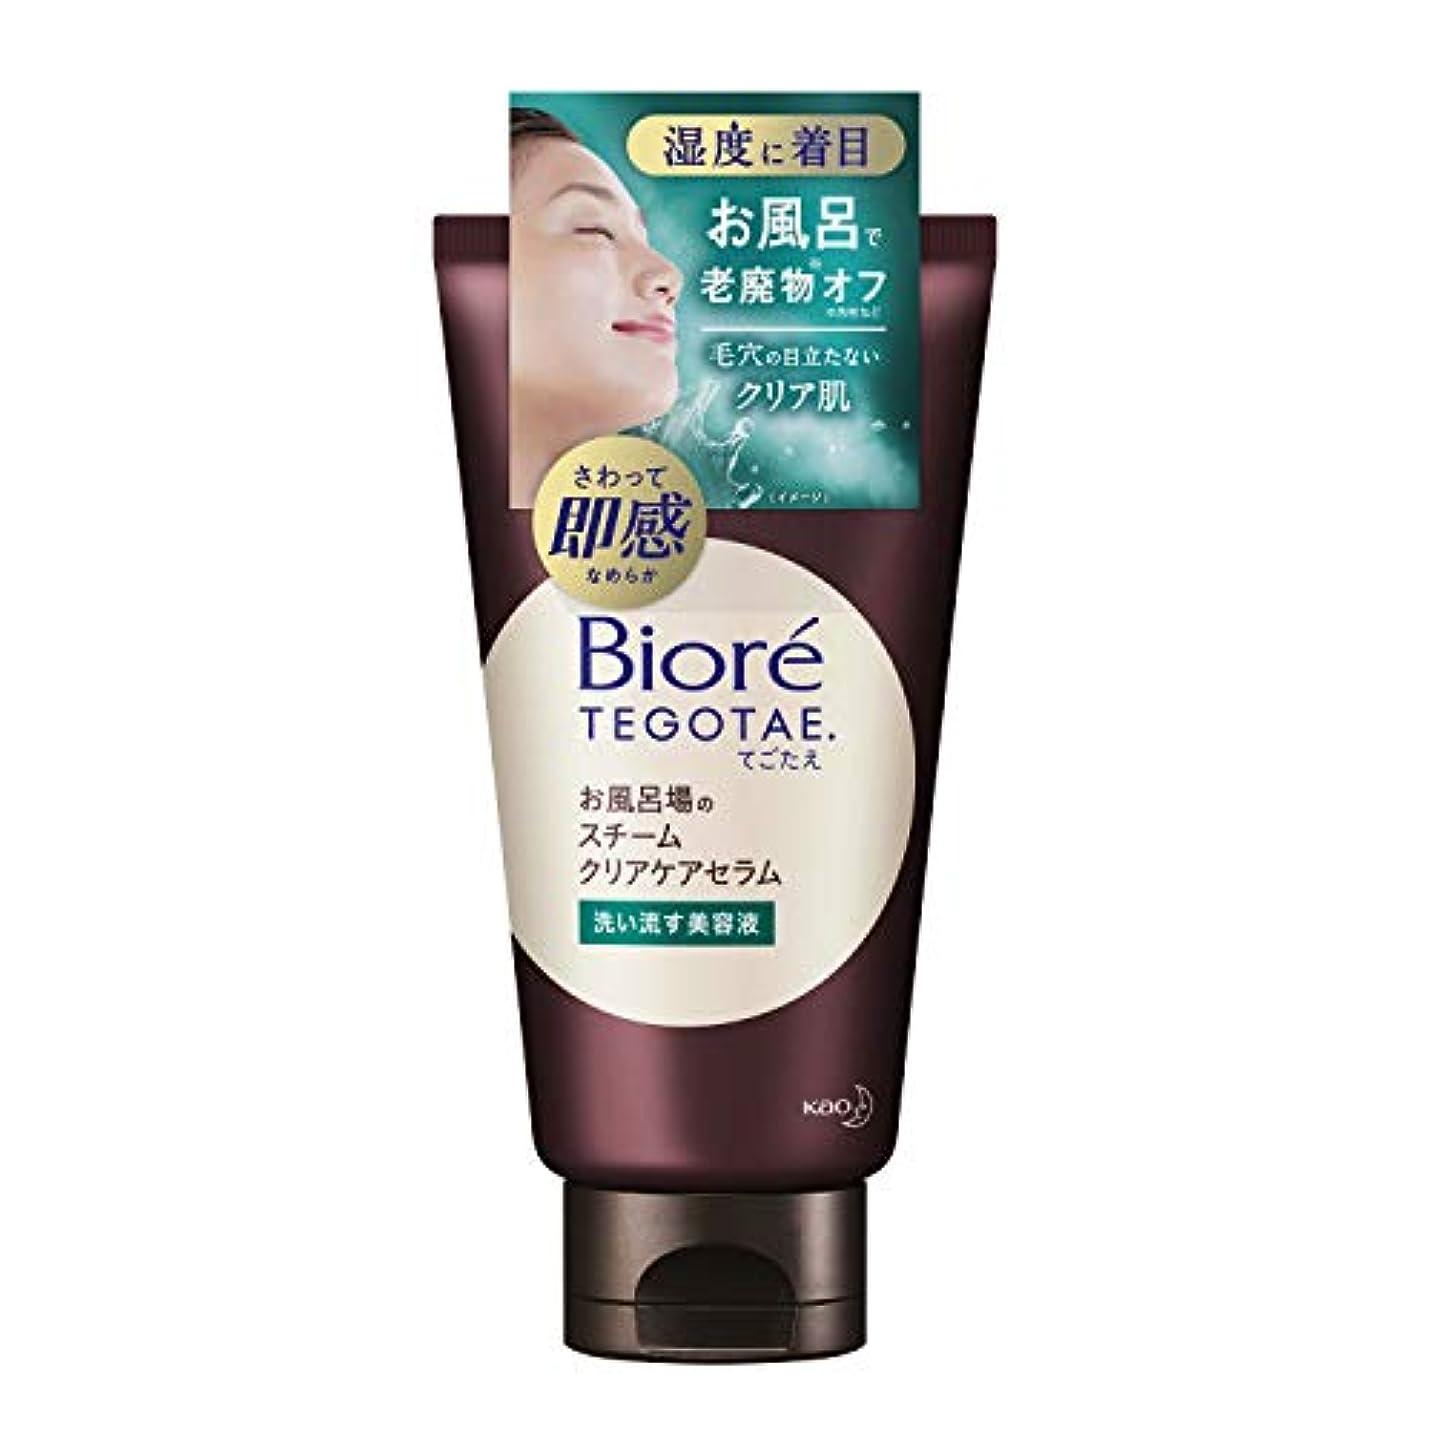 硬さレーザこどもセンタービオレTEGOTAE(テゴタエ) お風呂場のスチームクリアケアセラム 美容液 グリーンフローラルの香り 150g